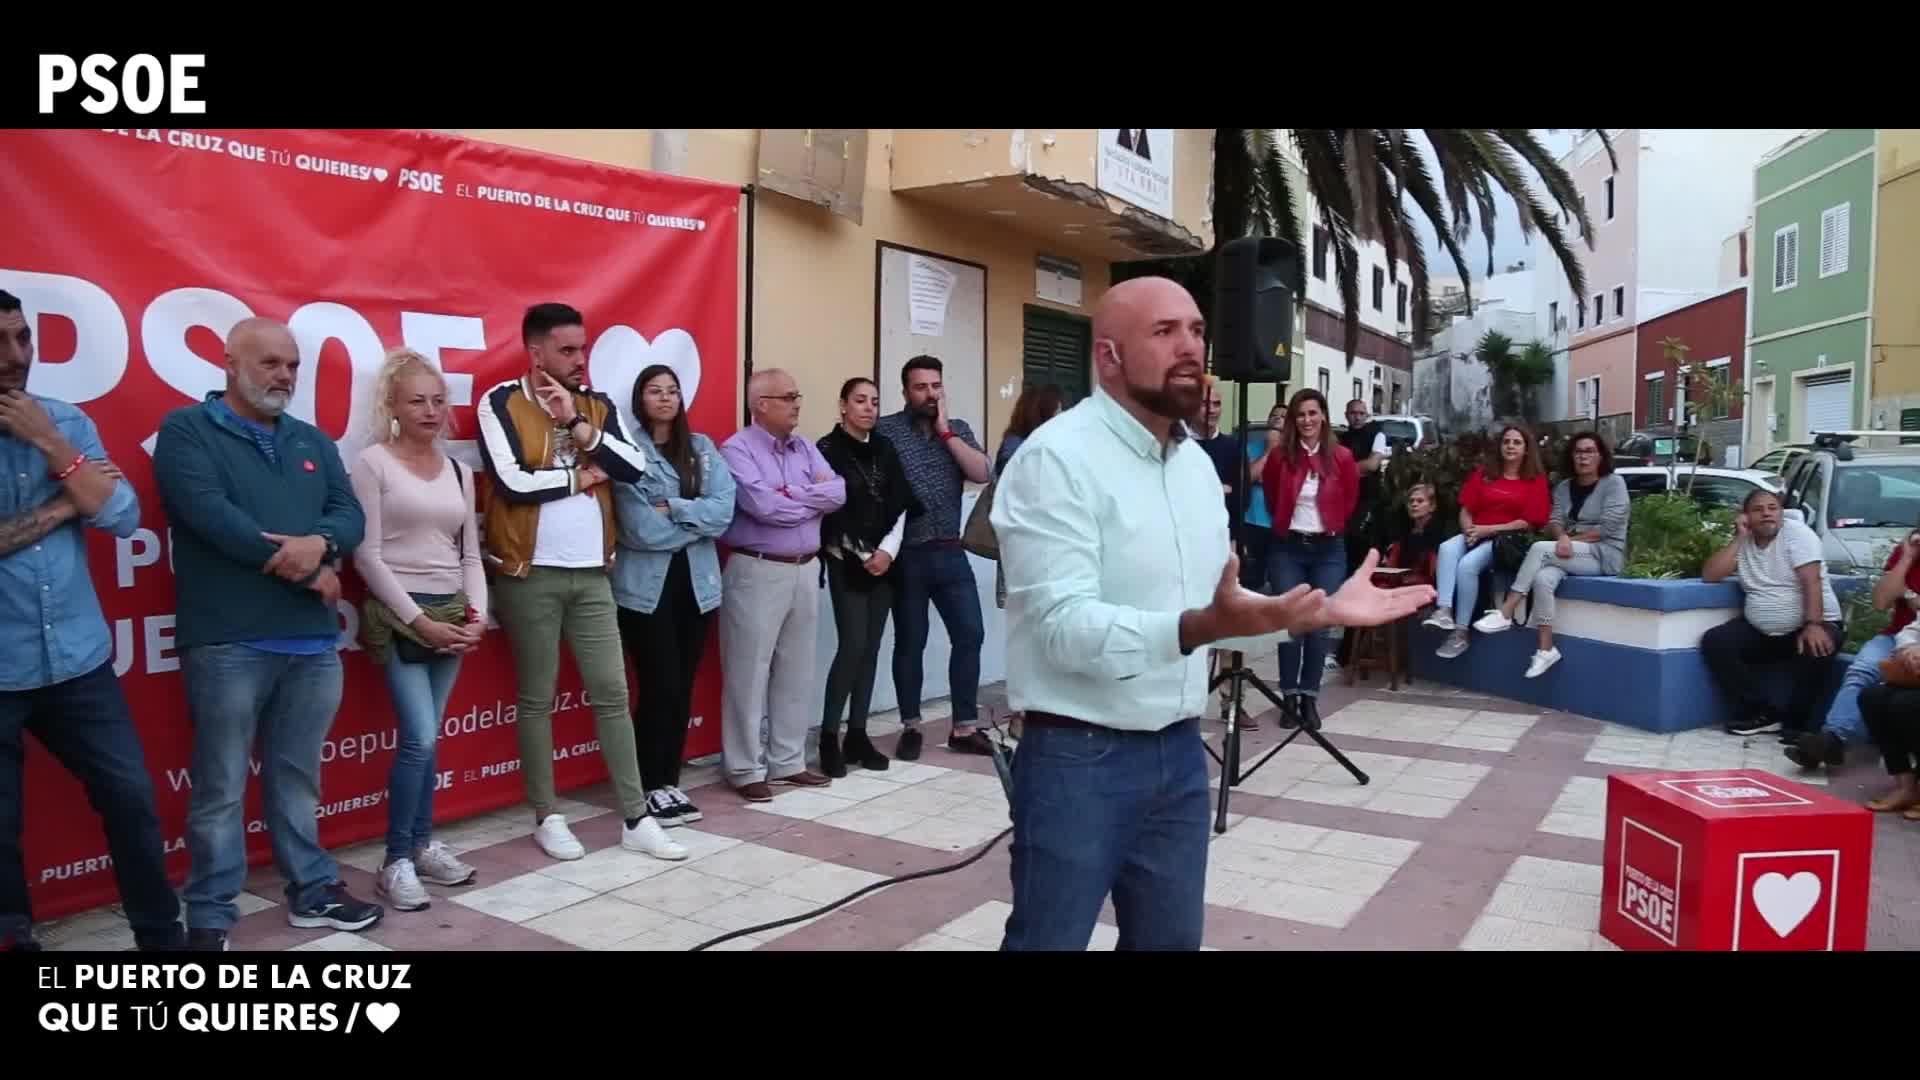 Elecciones municipales - Asamblea abierta en Punta Brava - 23 de mayo